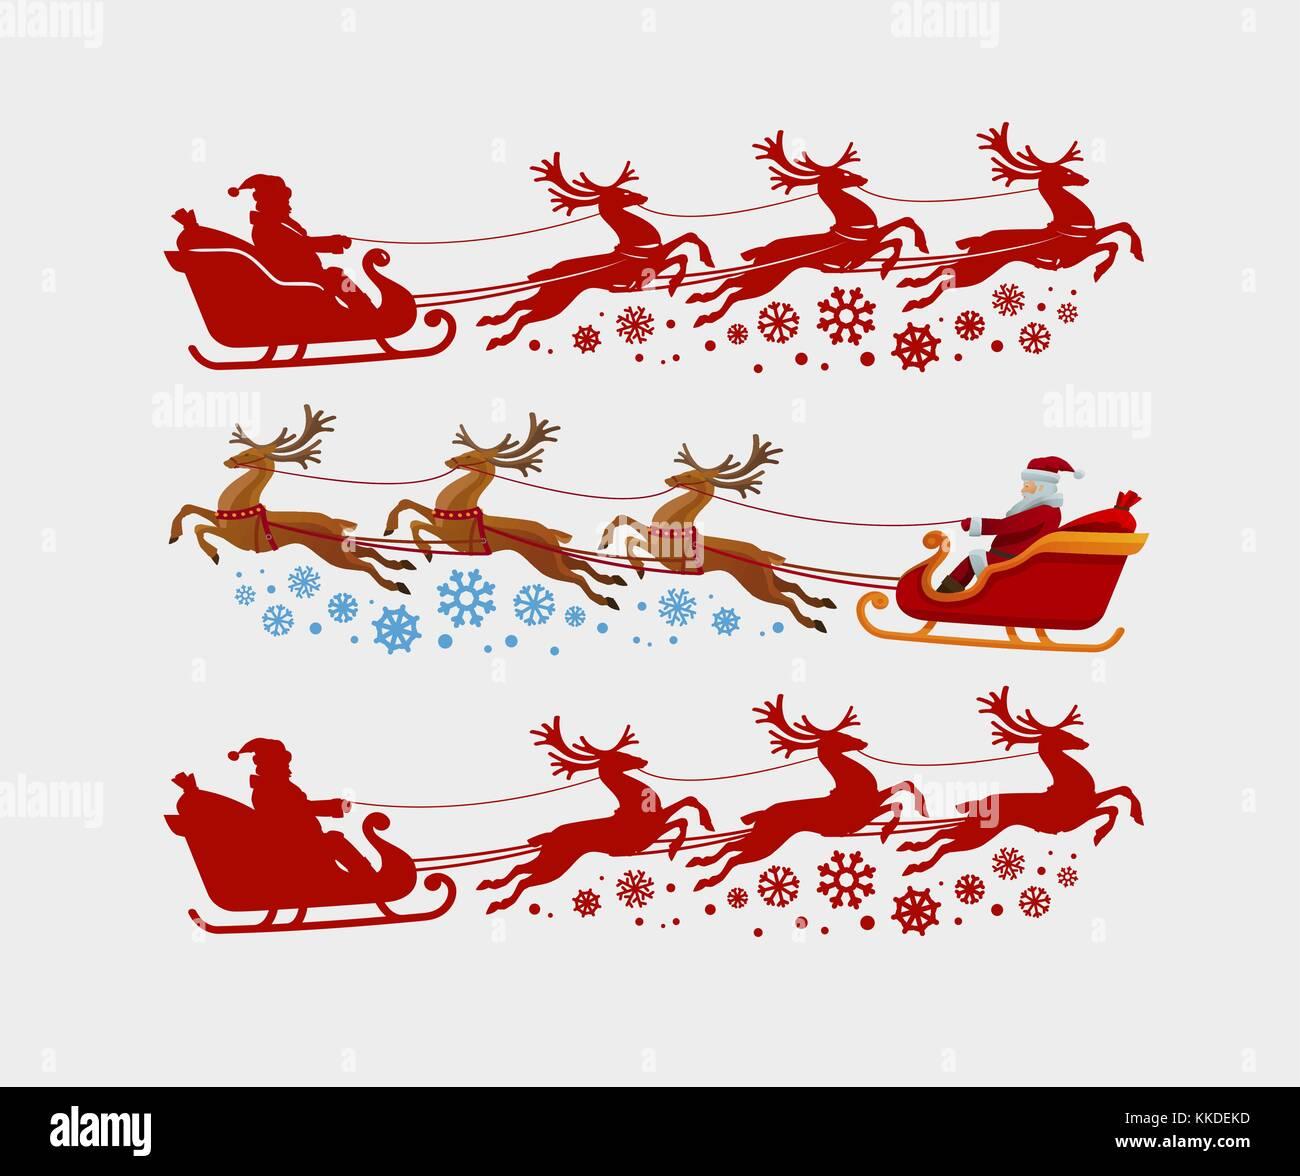 Santa Claus Sleigh Stock Photos & Santa Claus Sleigh Stock ...